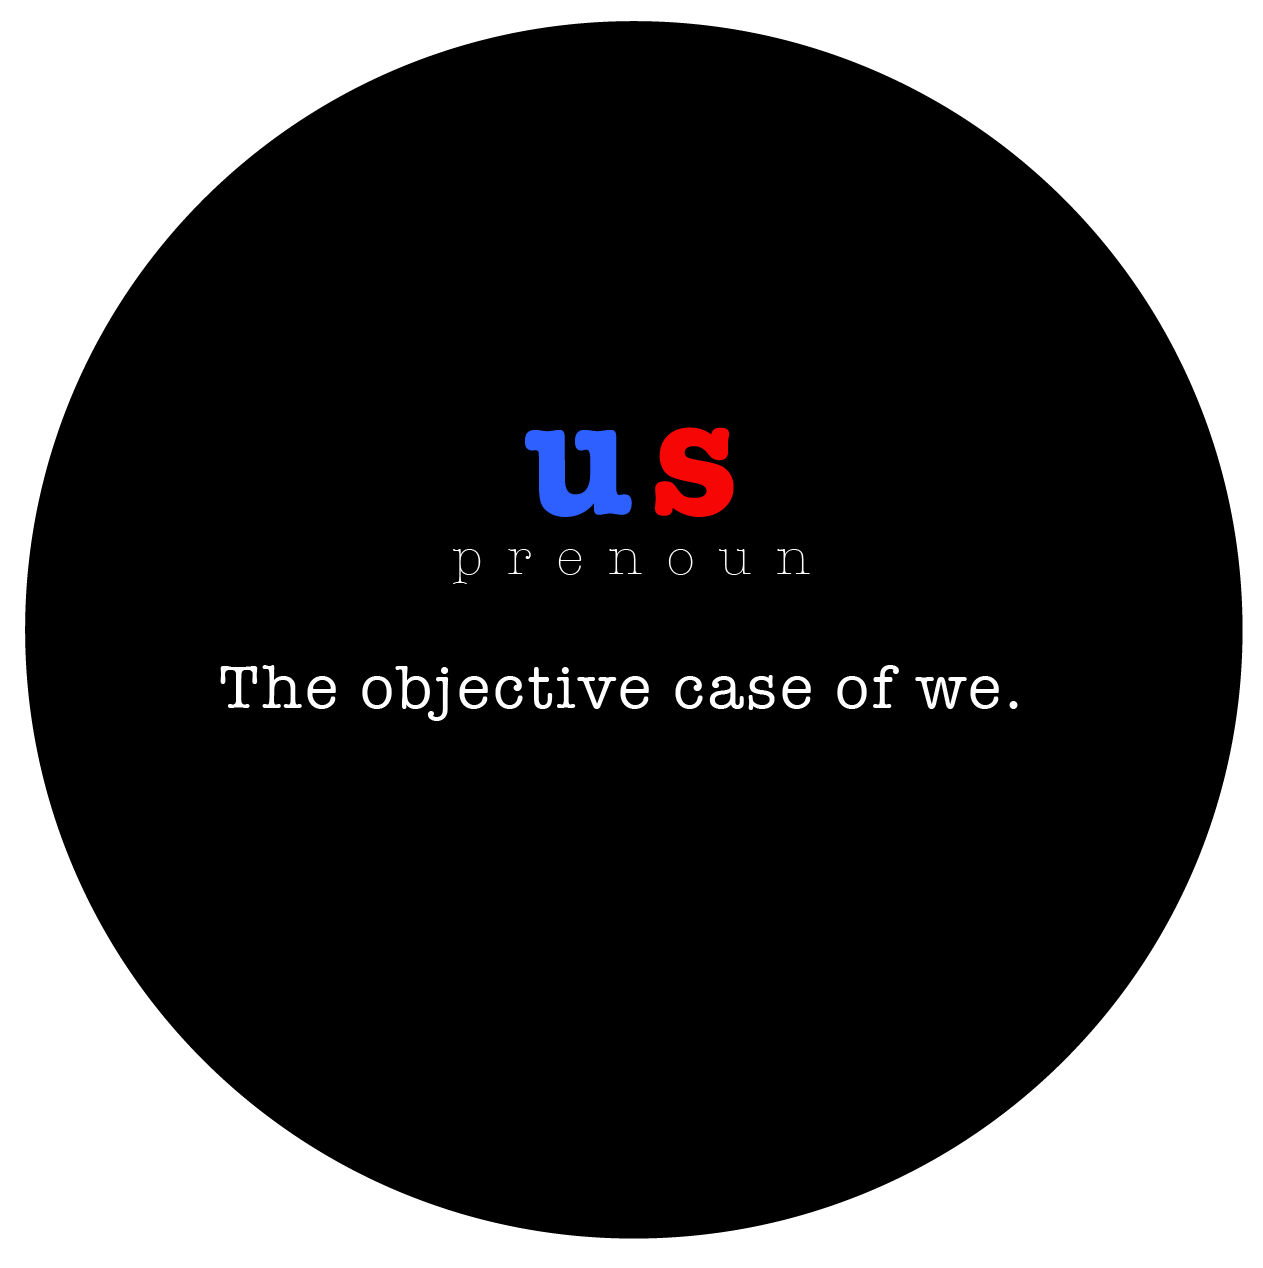 usdefinitionimageredblueletters-01